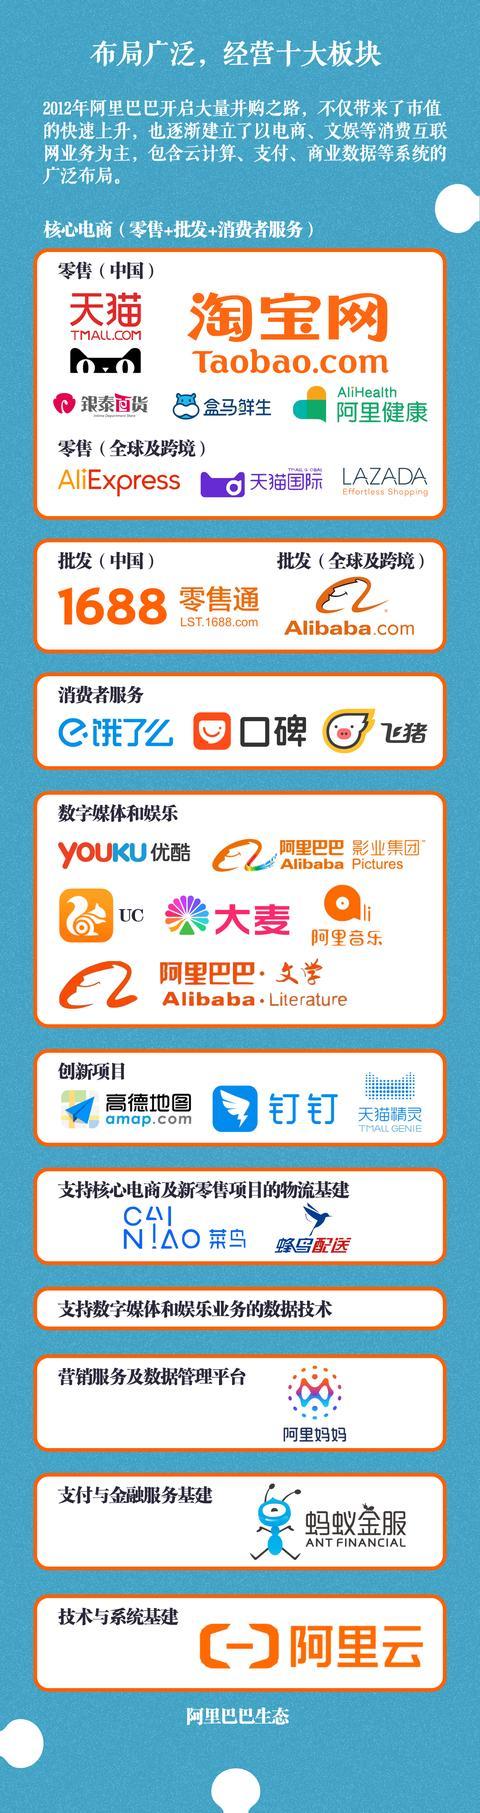 一图读懂:马云与阿里20年 互联网巨头是如何养成的?